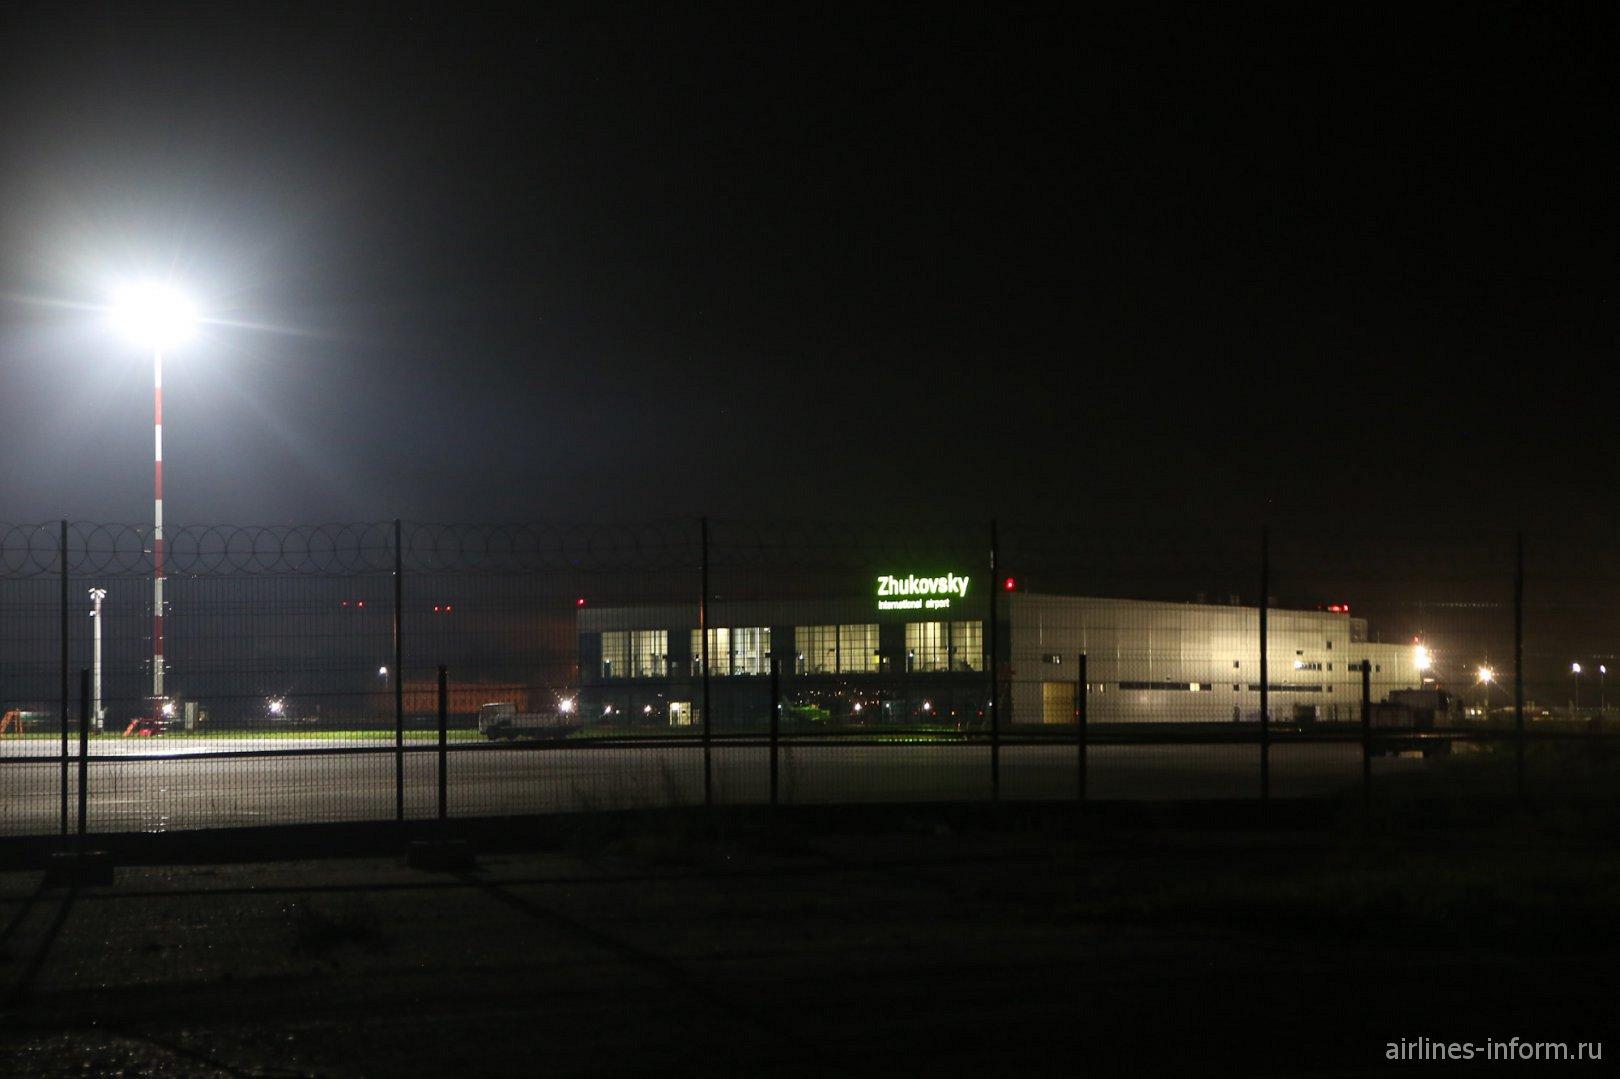 Аэропорт Жуковский ночью